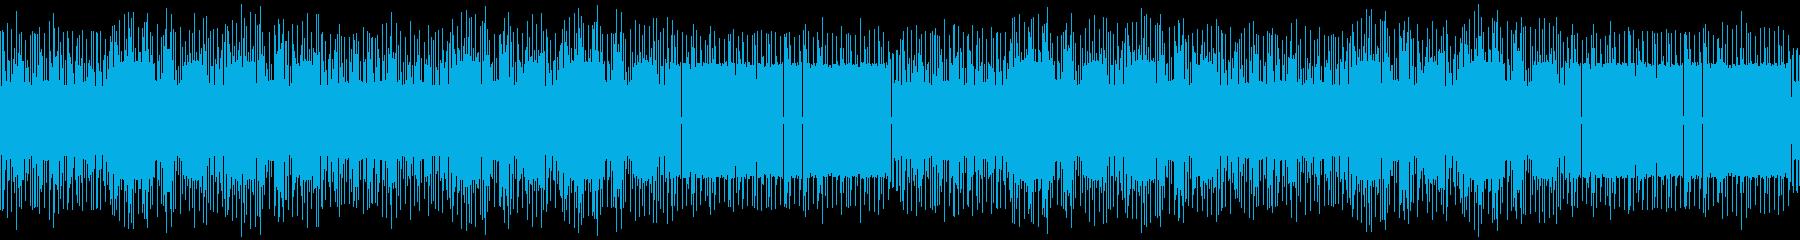 陽気なゲーム音楽のジャズブルース:ループの再生済みの波形